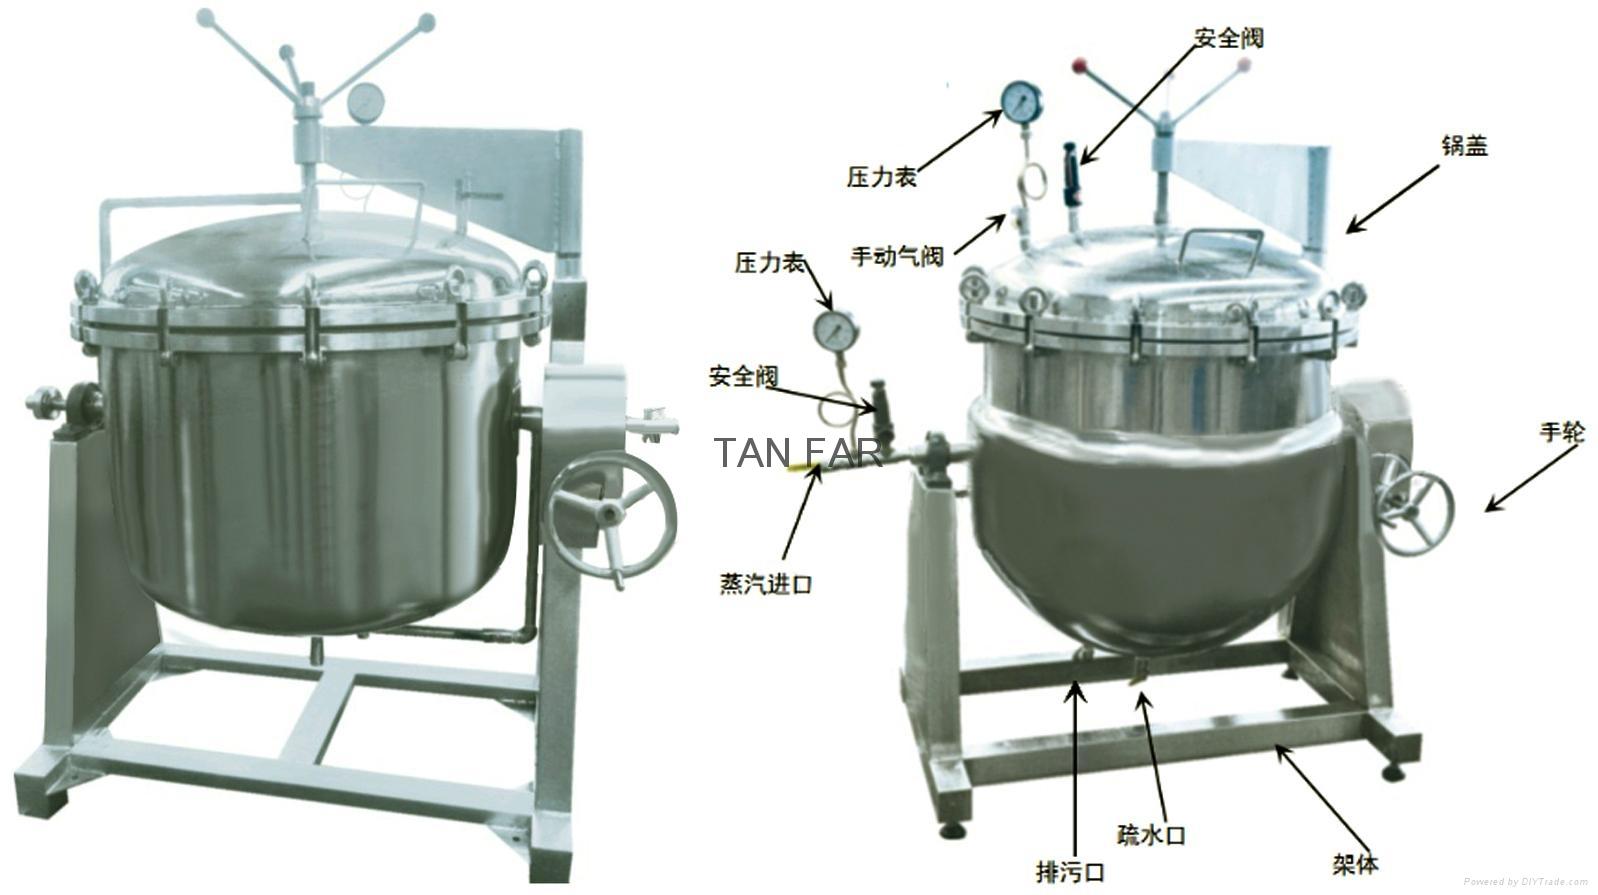 夾層壓力缸    煲豬骨湯 包領取壓力容器許可證 4